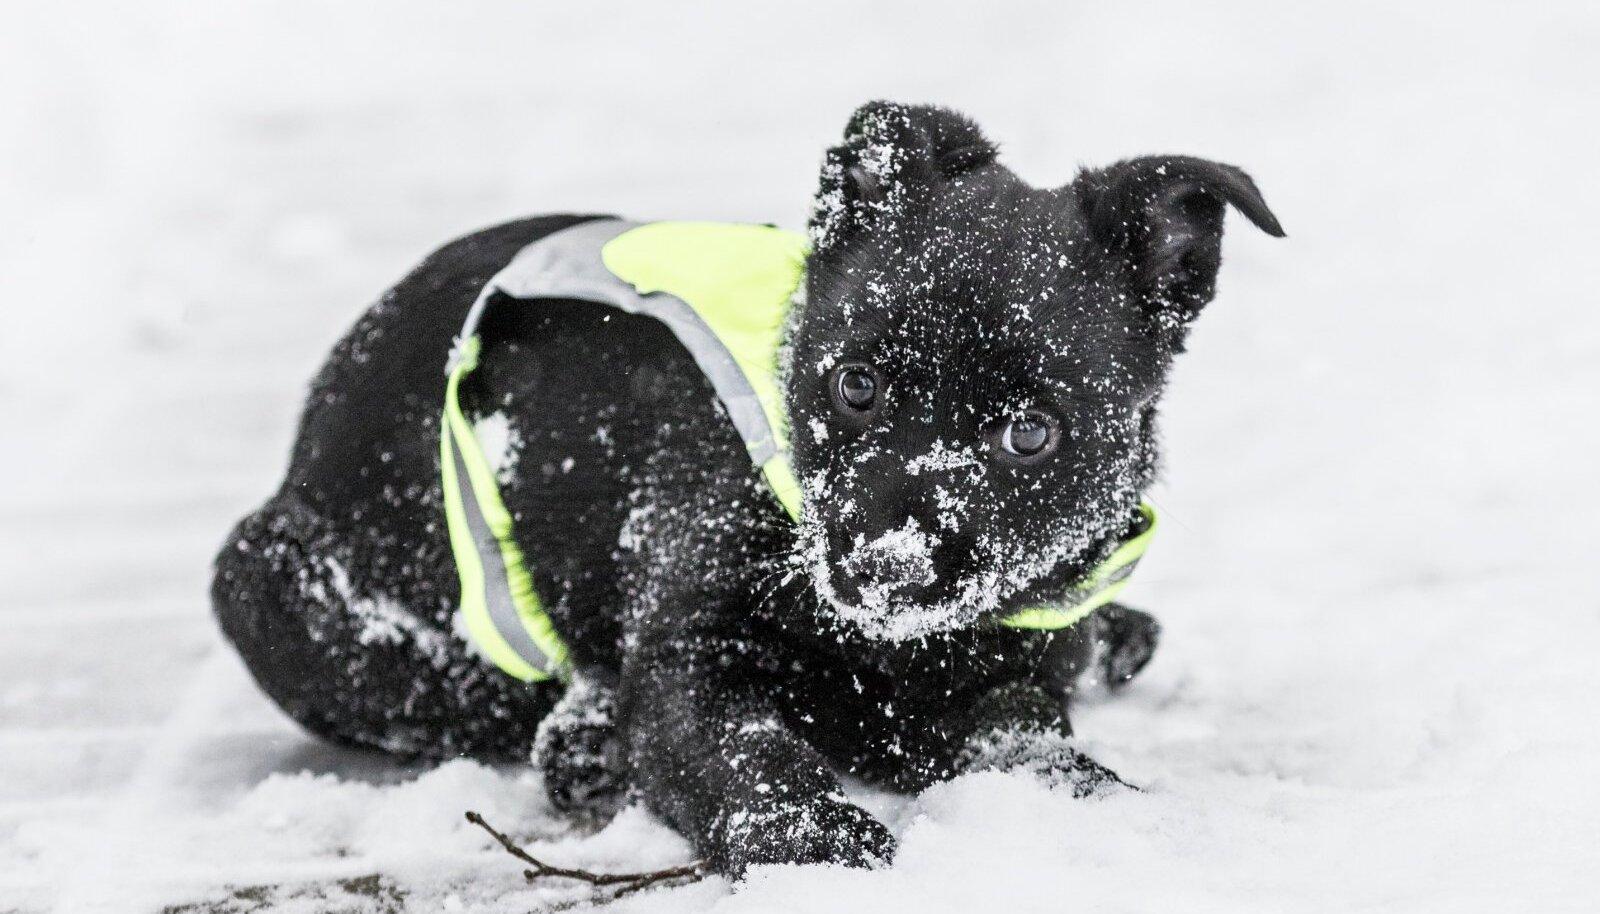 Suuremad koeratõud taluvad külma väikestest pisut paremini